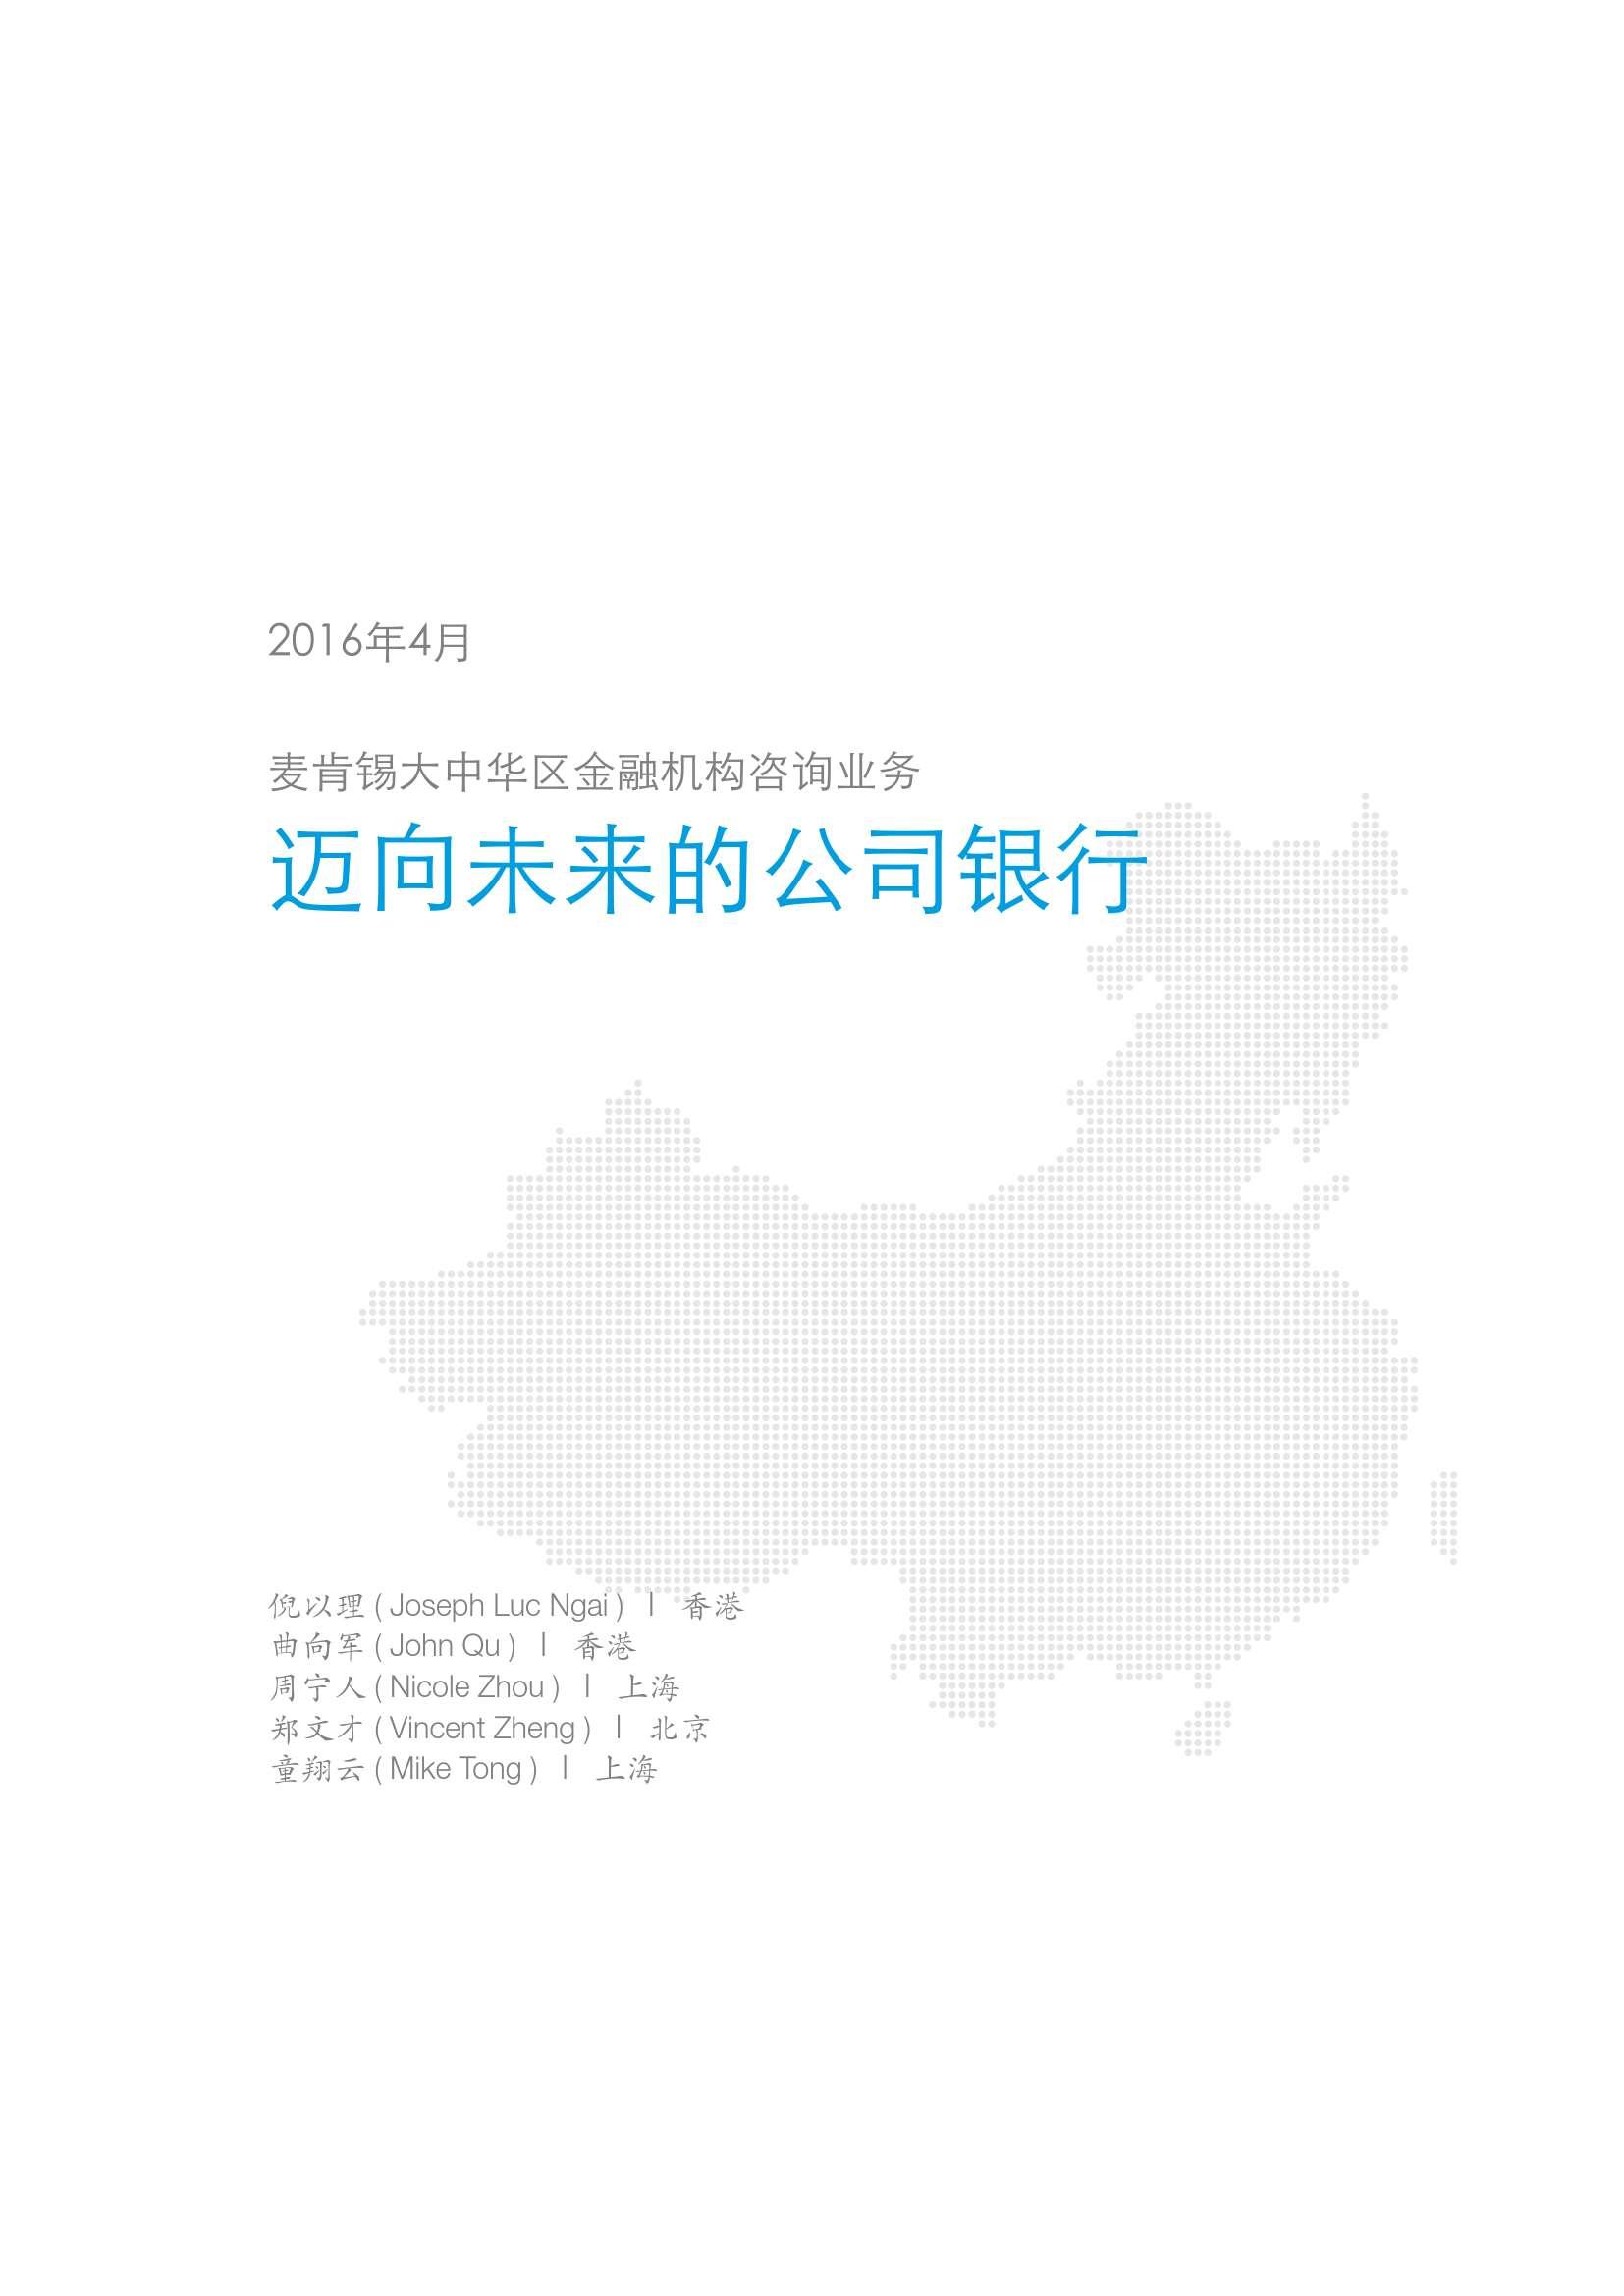 中国银行业白皮书--迈向未来的公司银行_000003